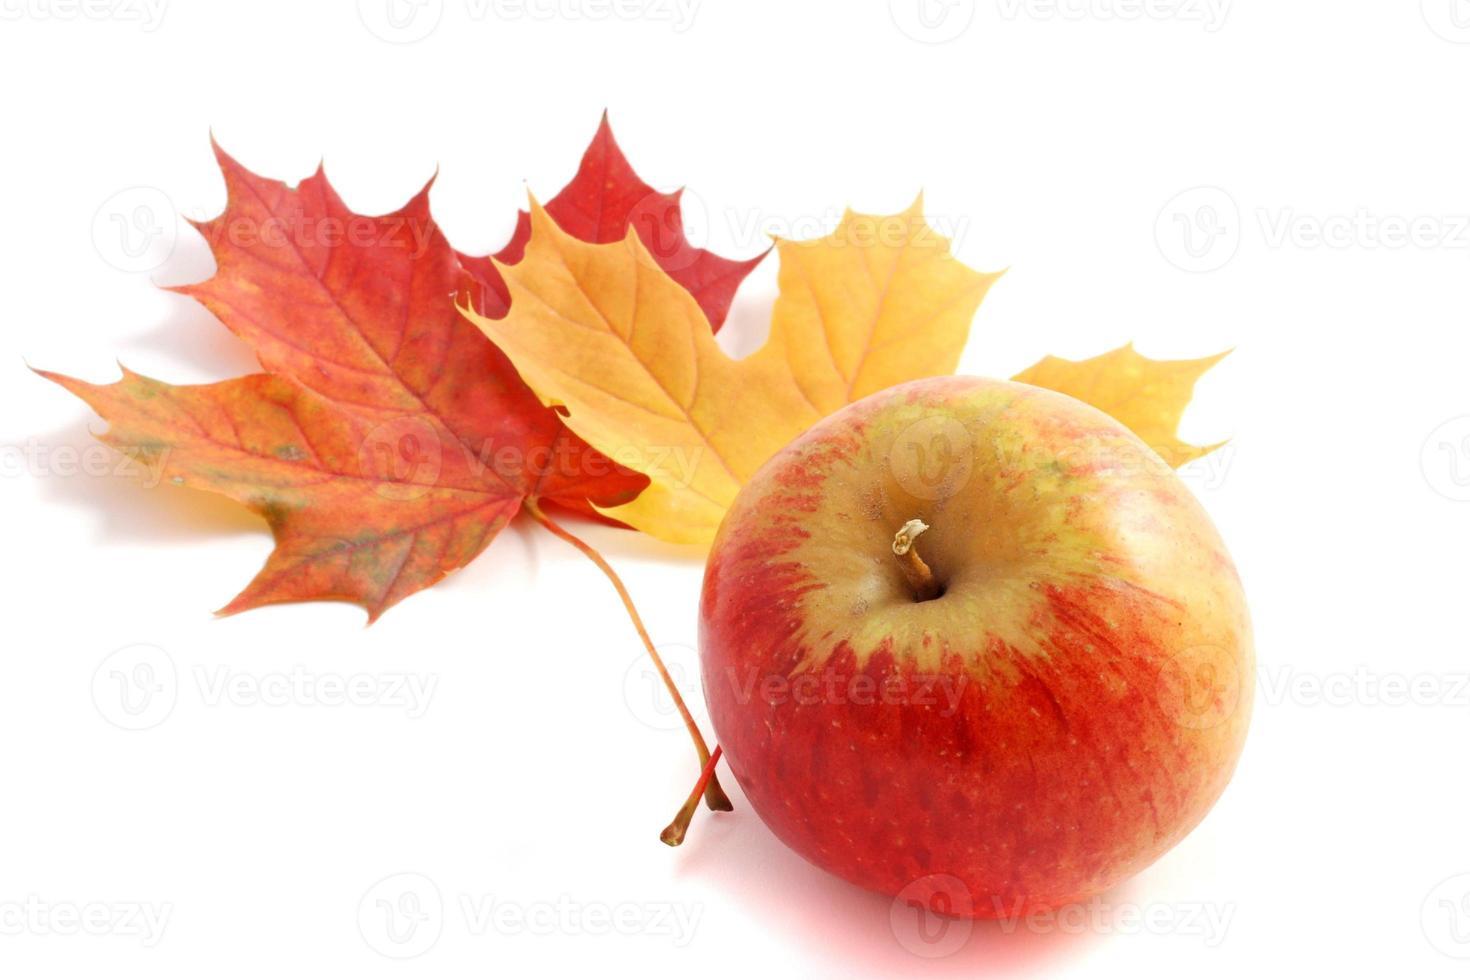 herfst appel foto